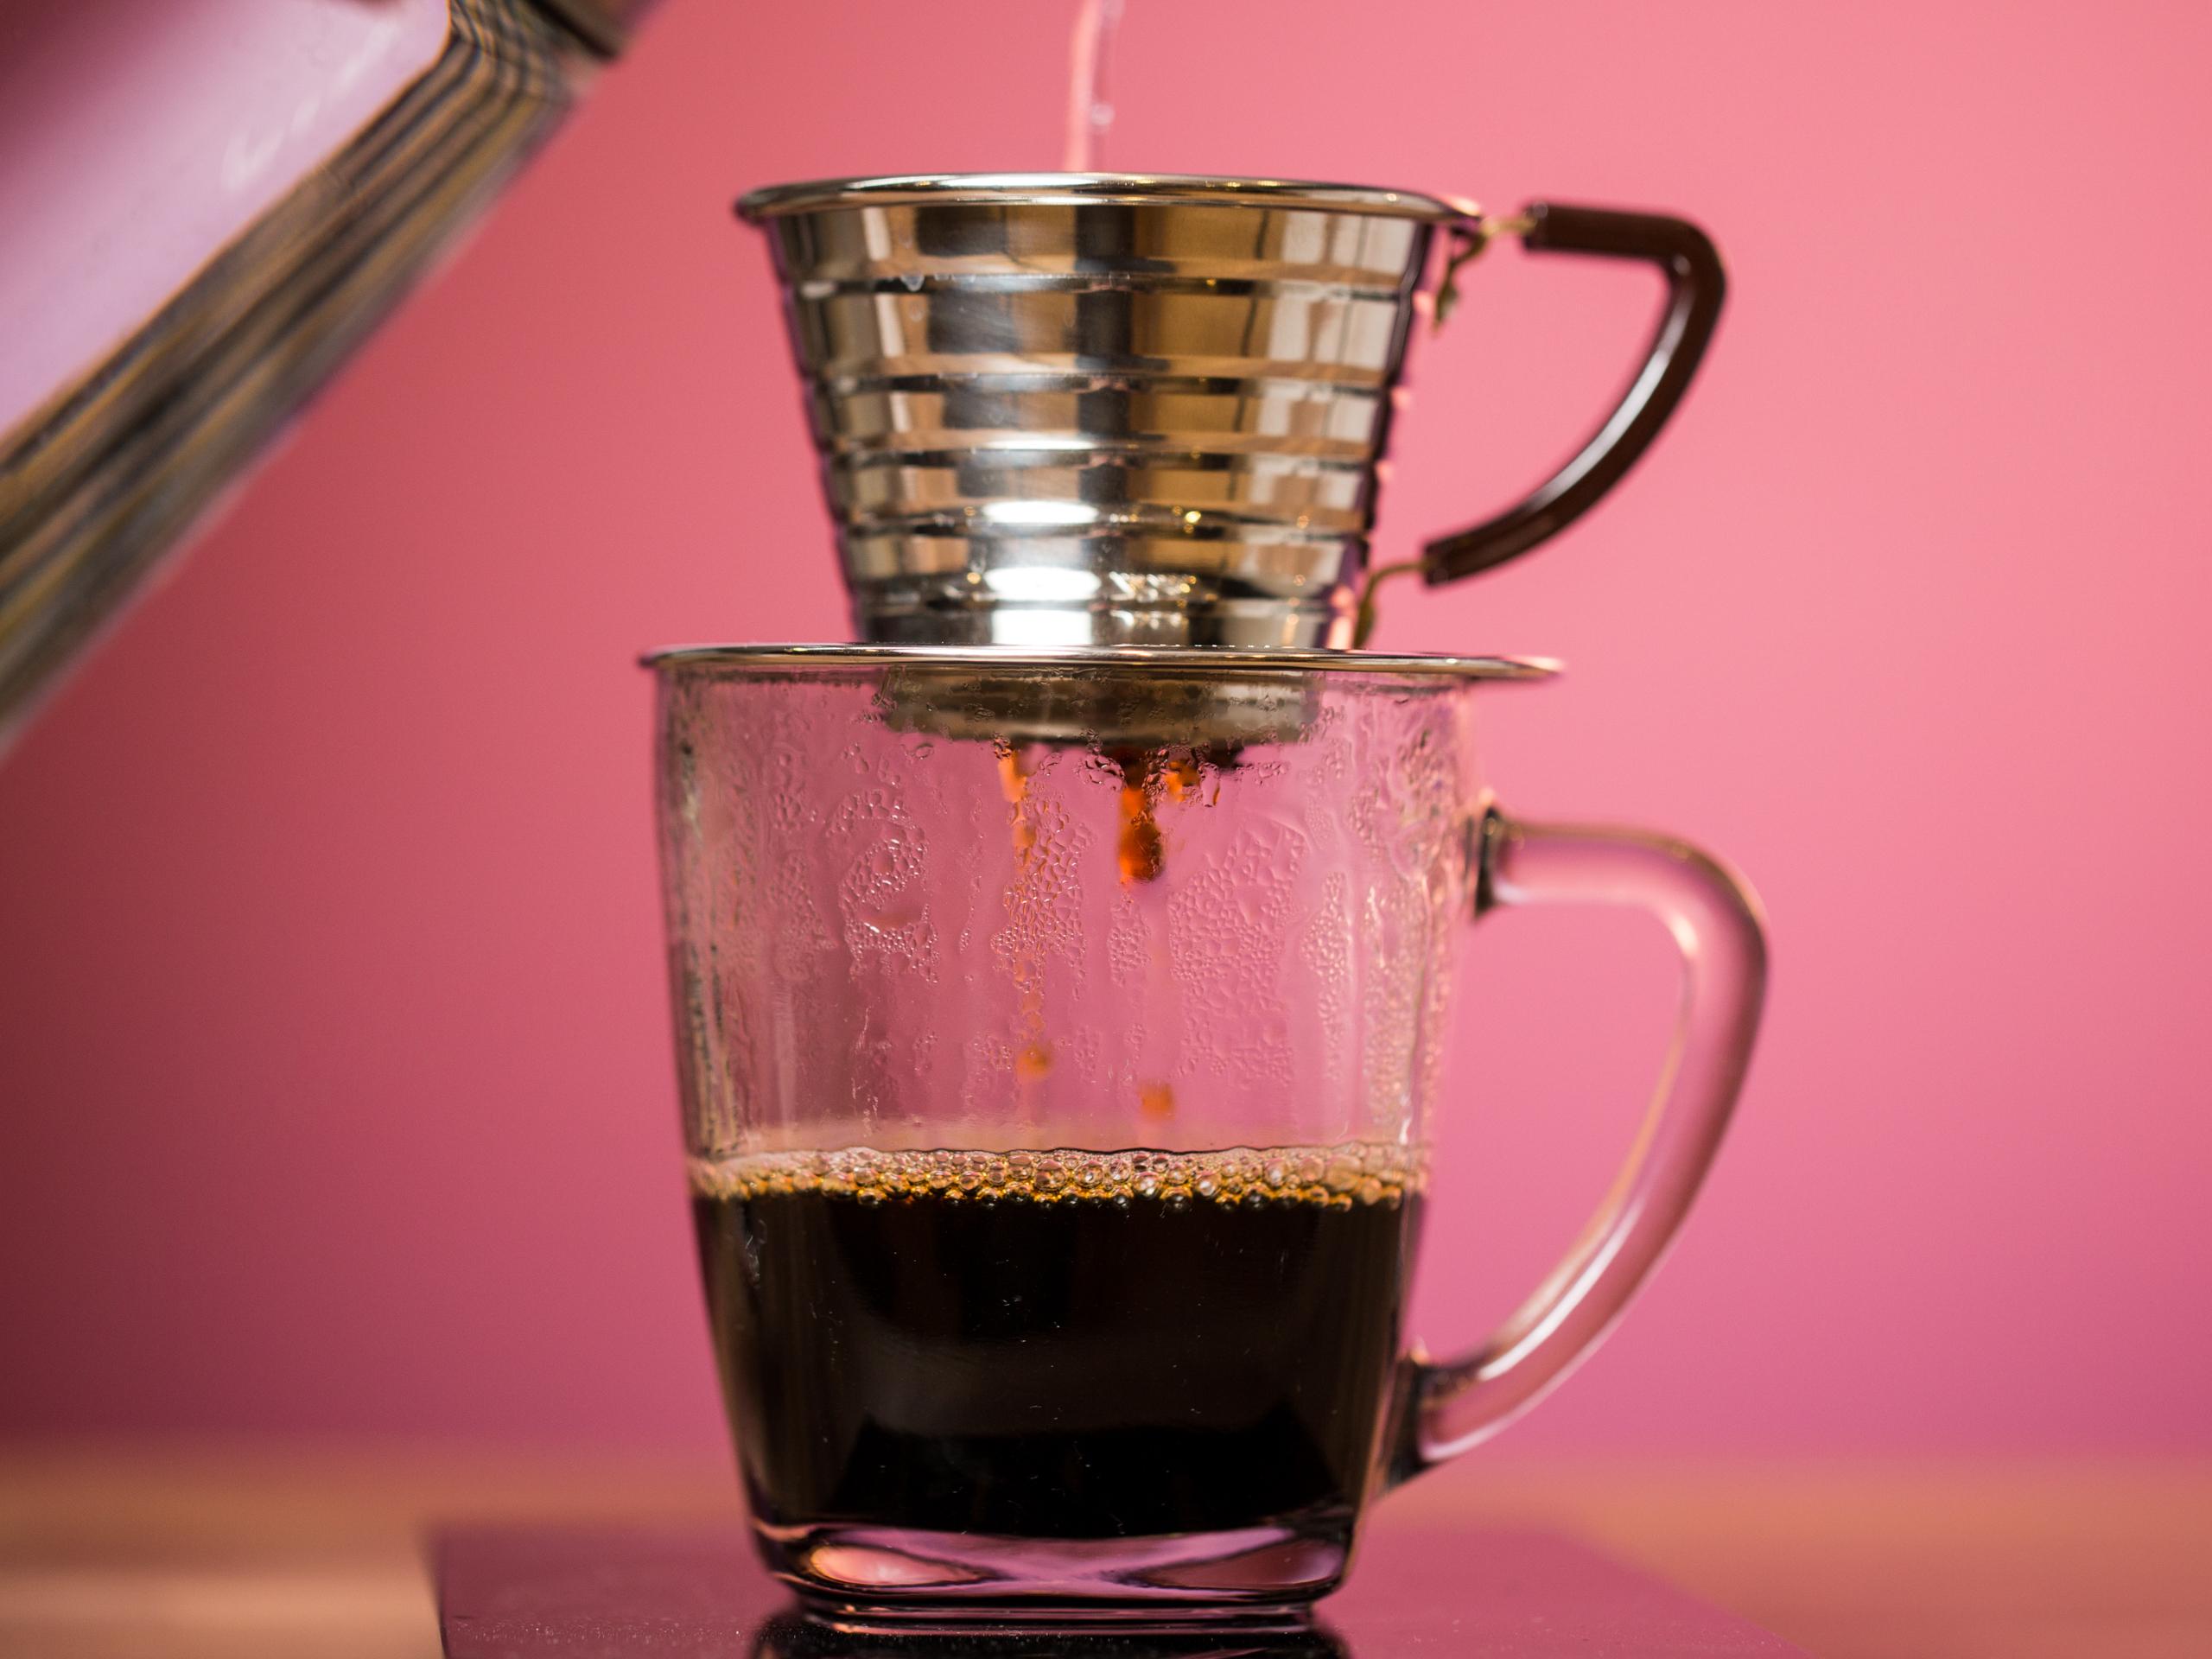 kalitapourovercoffee-5.jpg